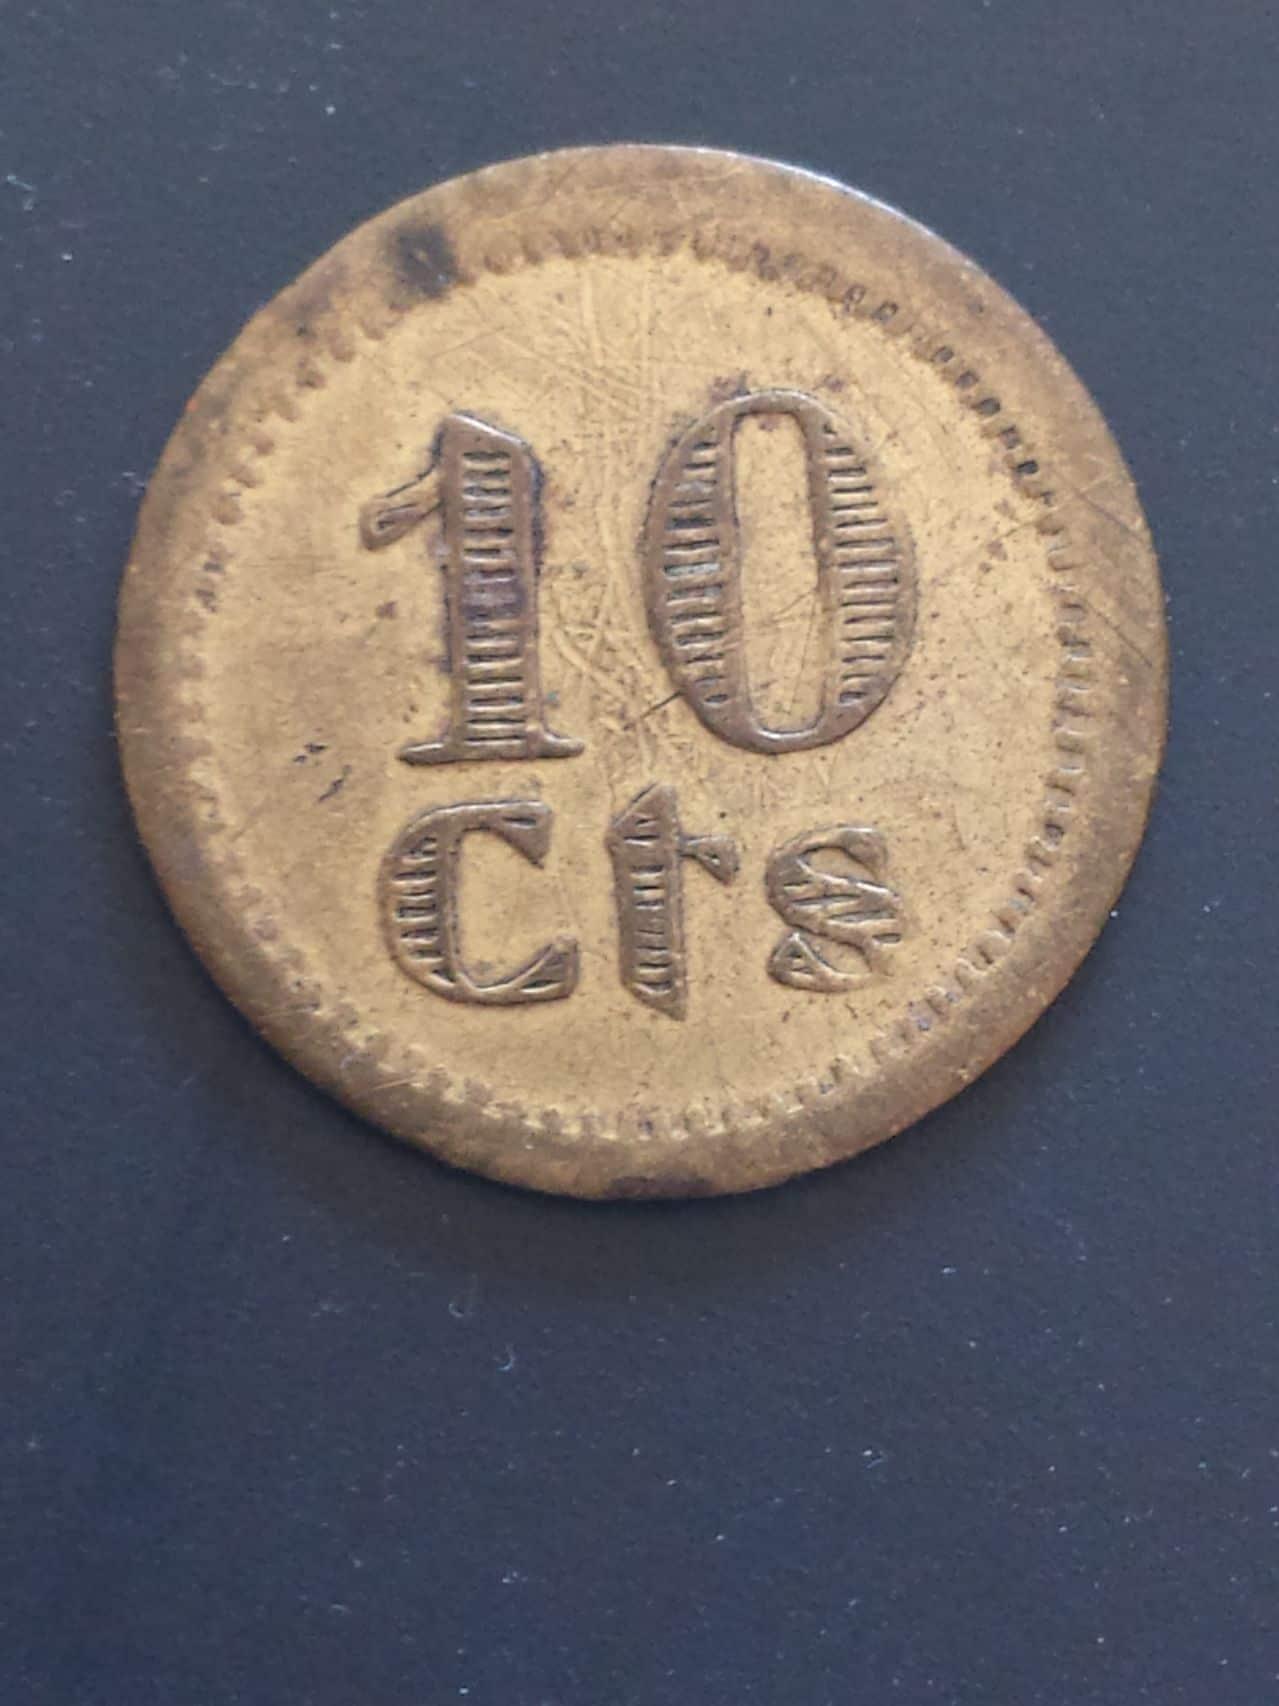 Monedas y fichas de Puebla de Cazalla 20150306_120526